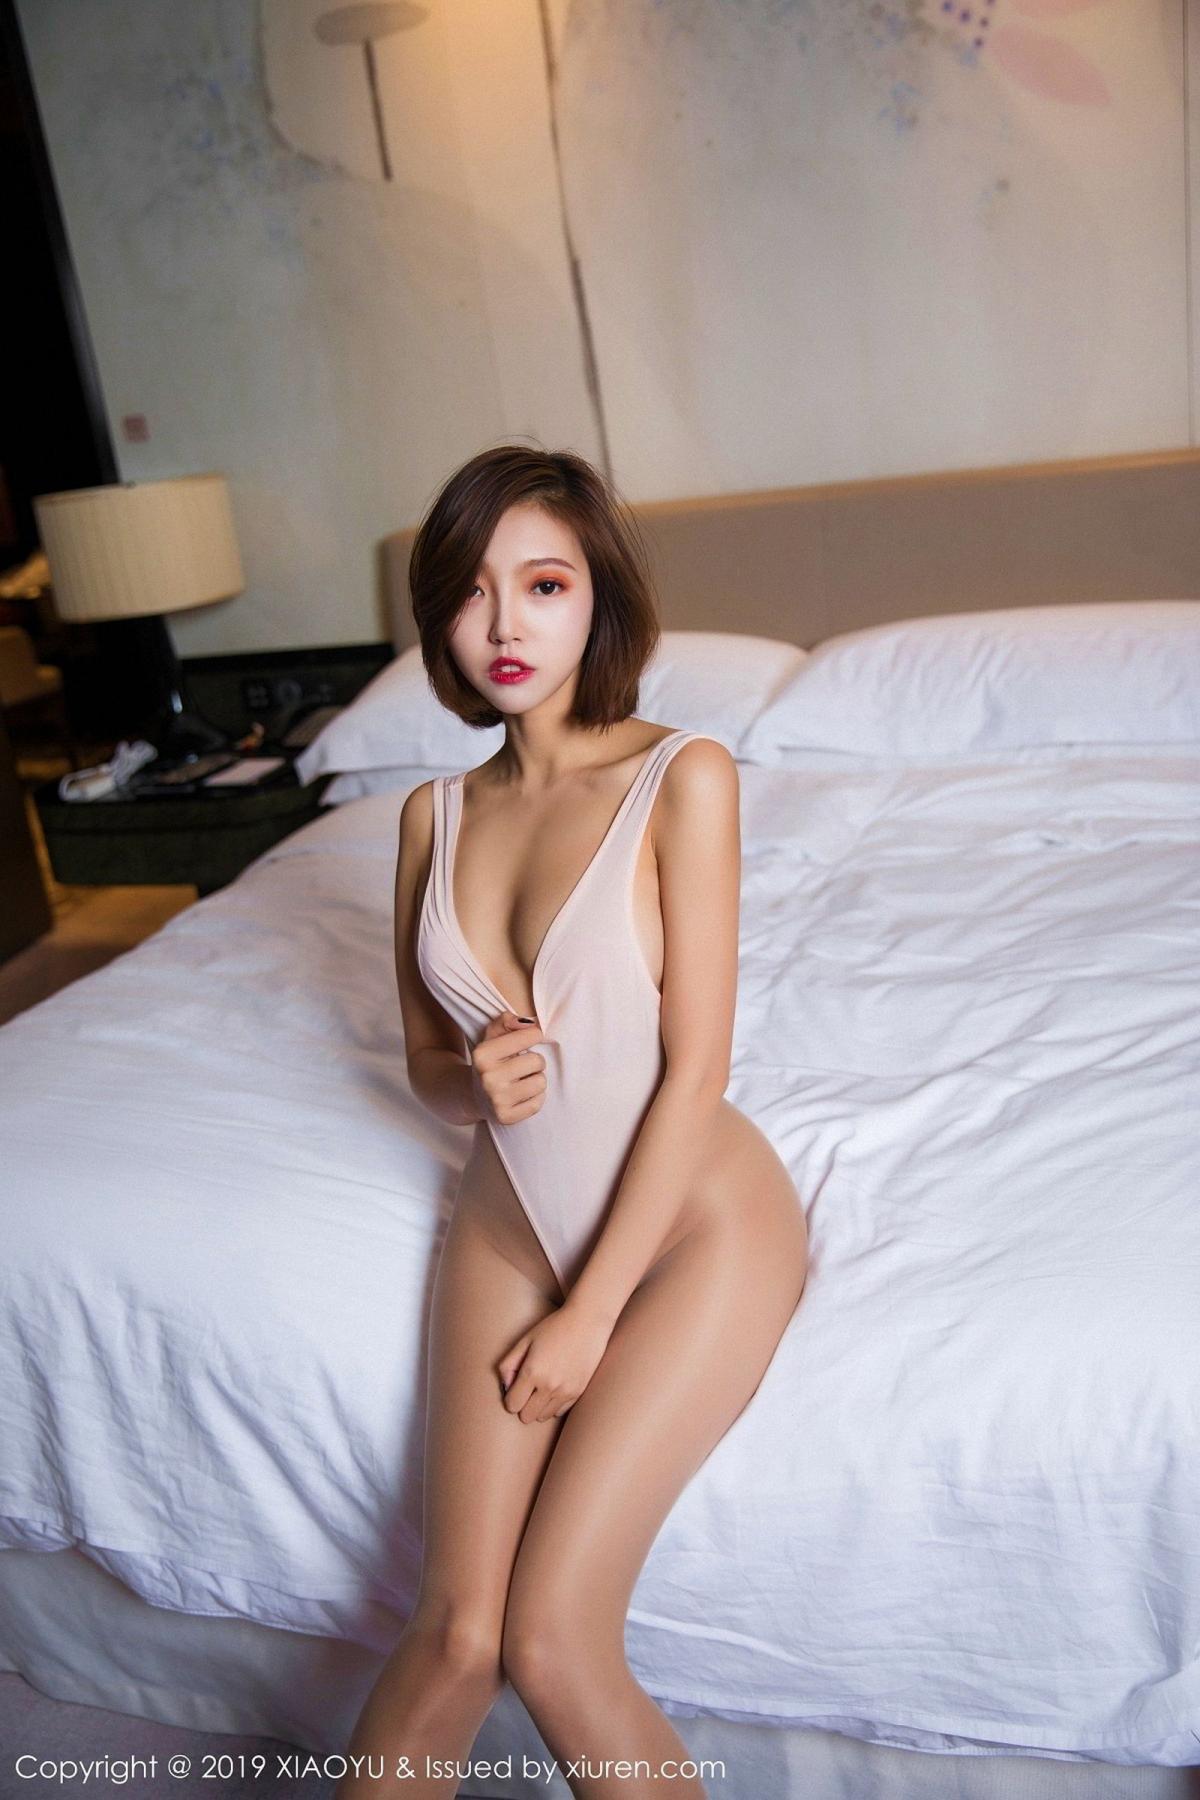 [XiaoYu] Vol.021 Feng Mu Mu 15P, Feng Mu Mu, Tall, XiaoYu